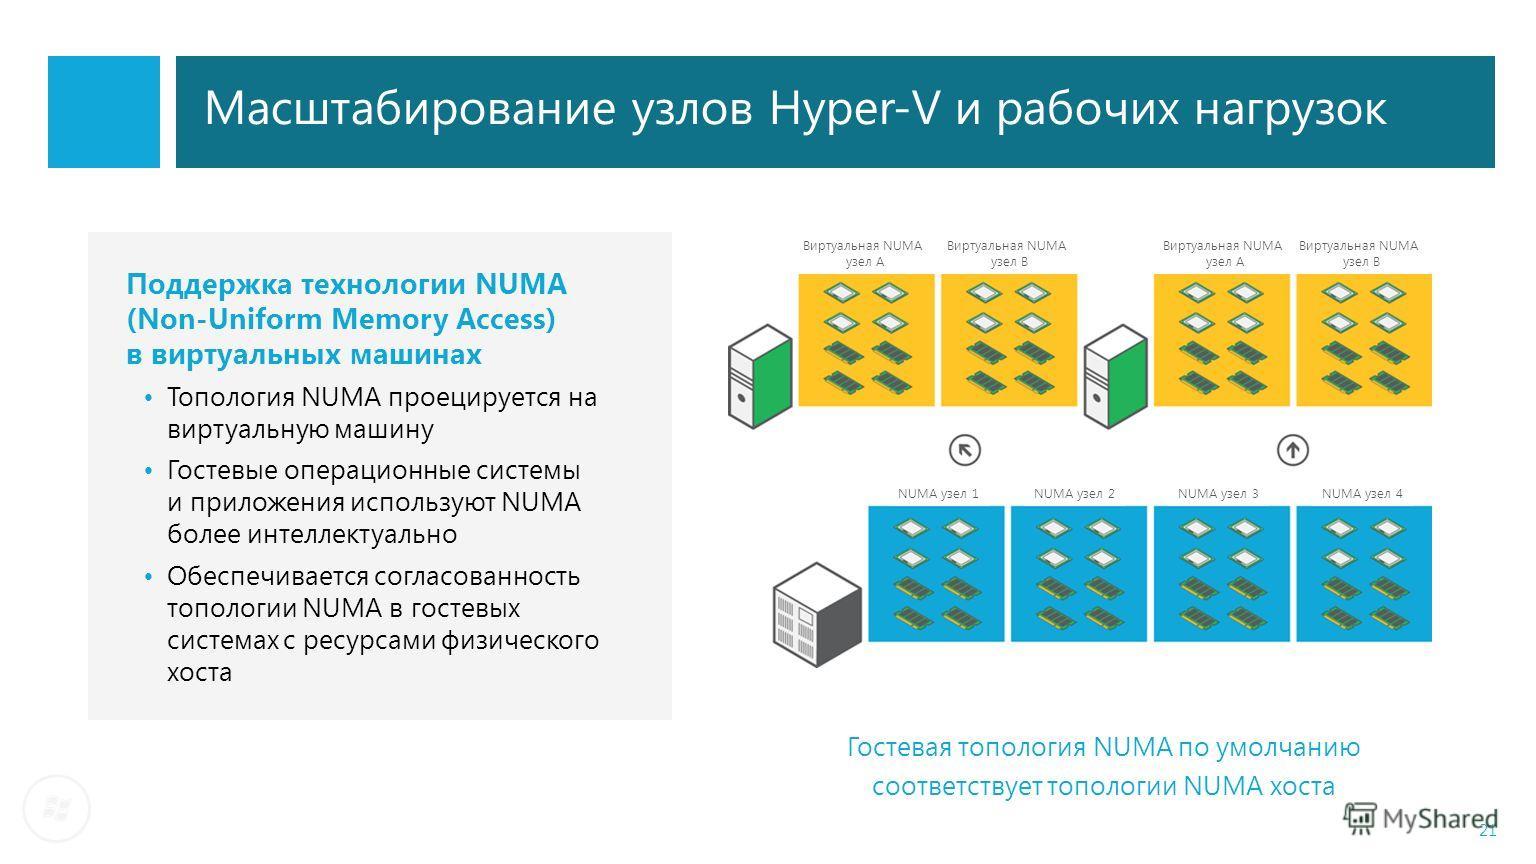 Масштабирование узлов Hyper-V и рабочих нагрузок Поддержка технологии NUMA (Non-Uniform Memory Access) в виртуальных машинах Топология NUMA проецируется на виртуальную машину Гостевые операционные системы и приложения используют NUMA более интеллекту